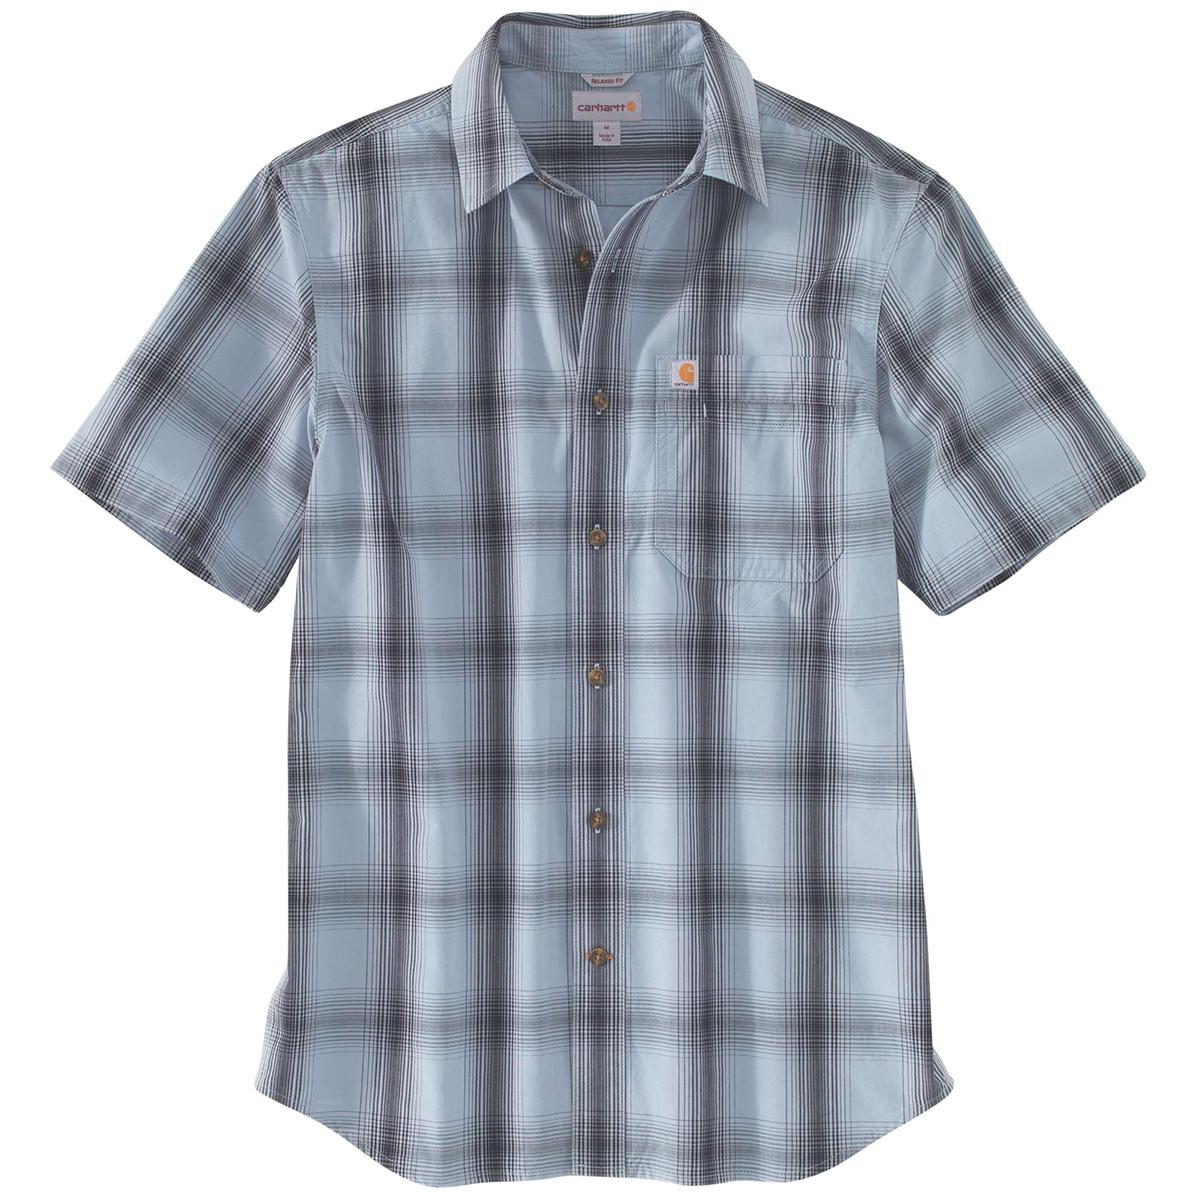 Carhartt Men's Essential Plaid Open Collar Short-Sleeve Shirt - Blue, L